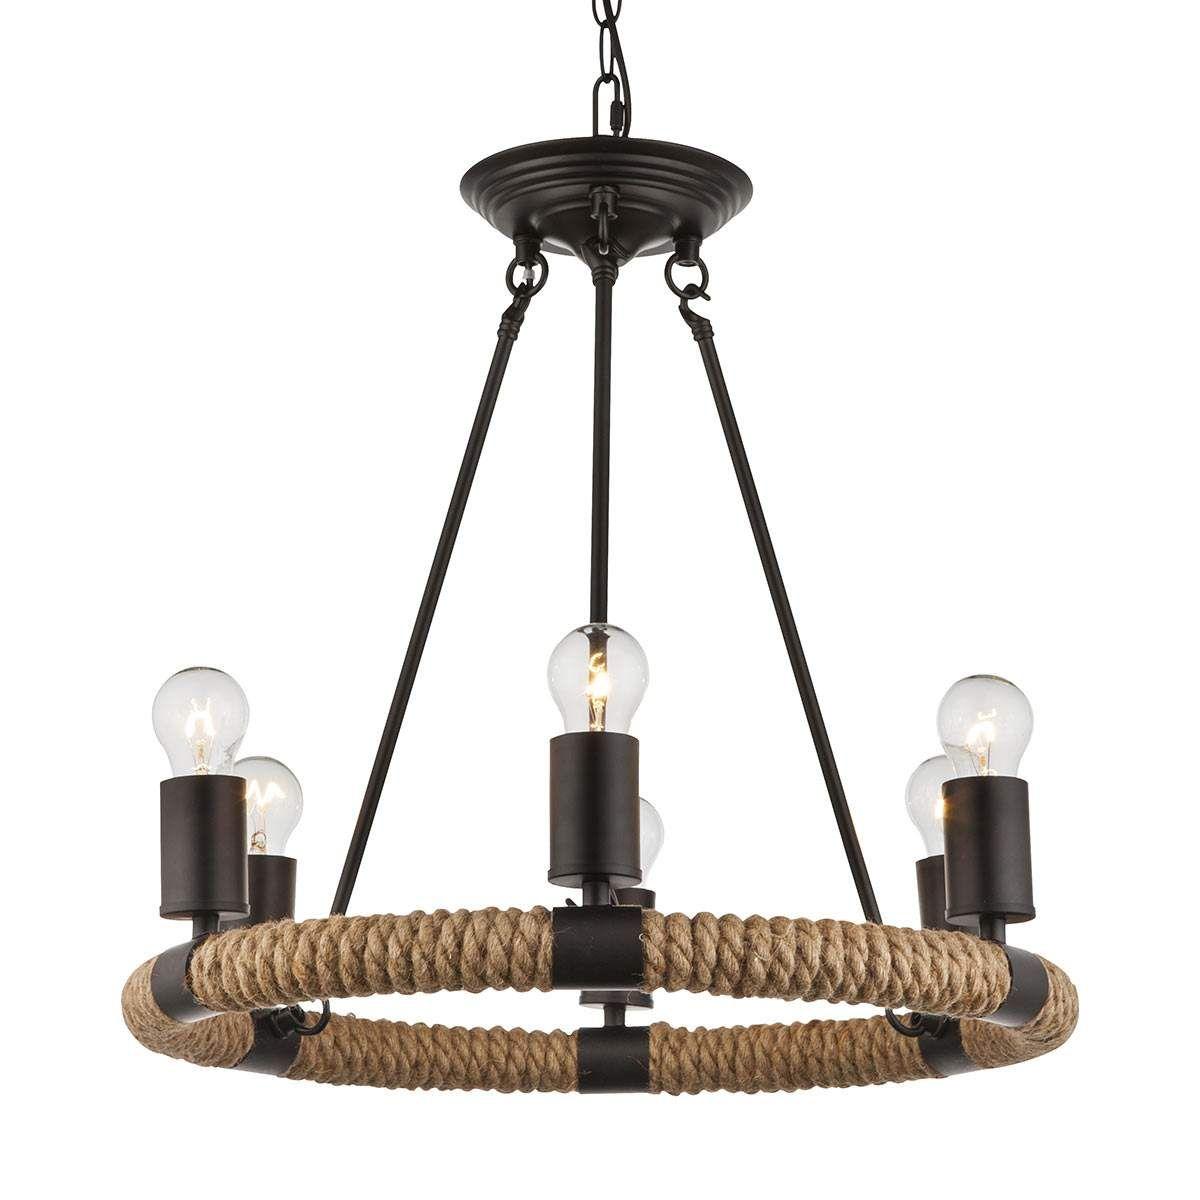 Landhaus Stil LED Pendel Leuchte Metall Käfig Decken Hänge Lampe schwarz 3-flg